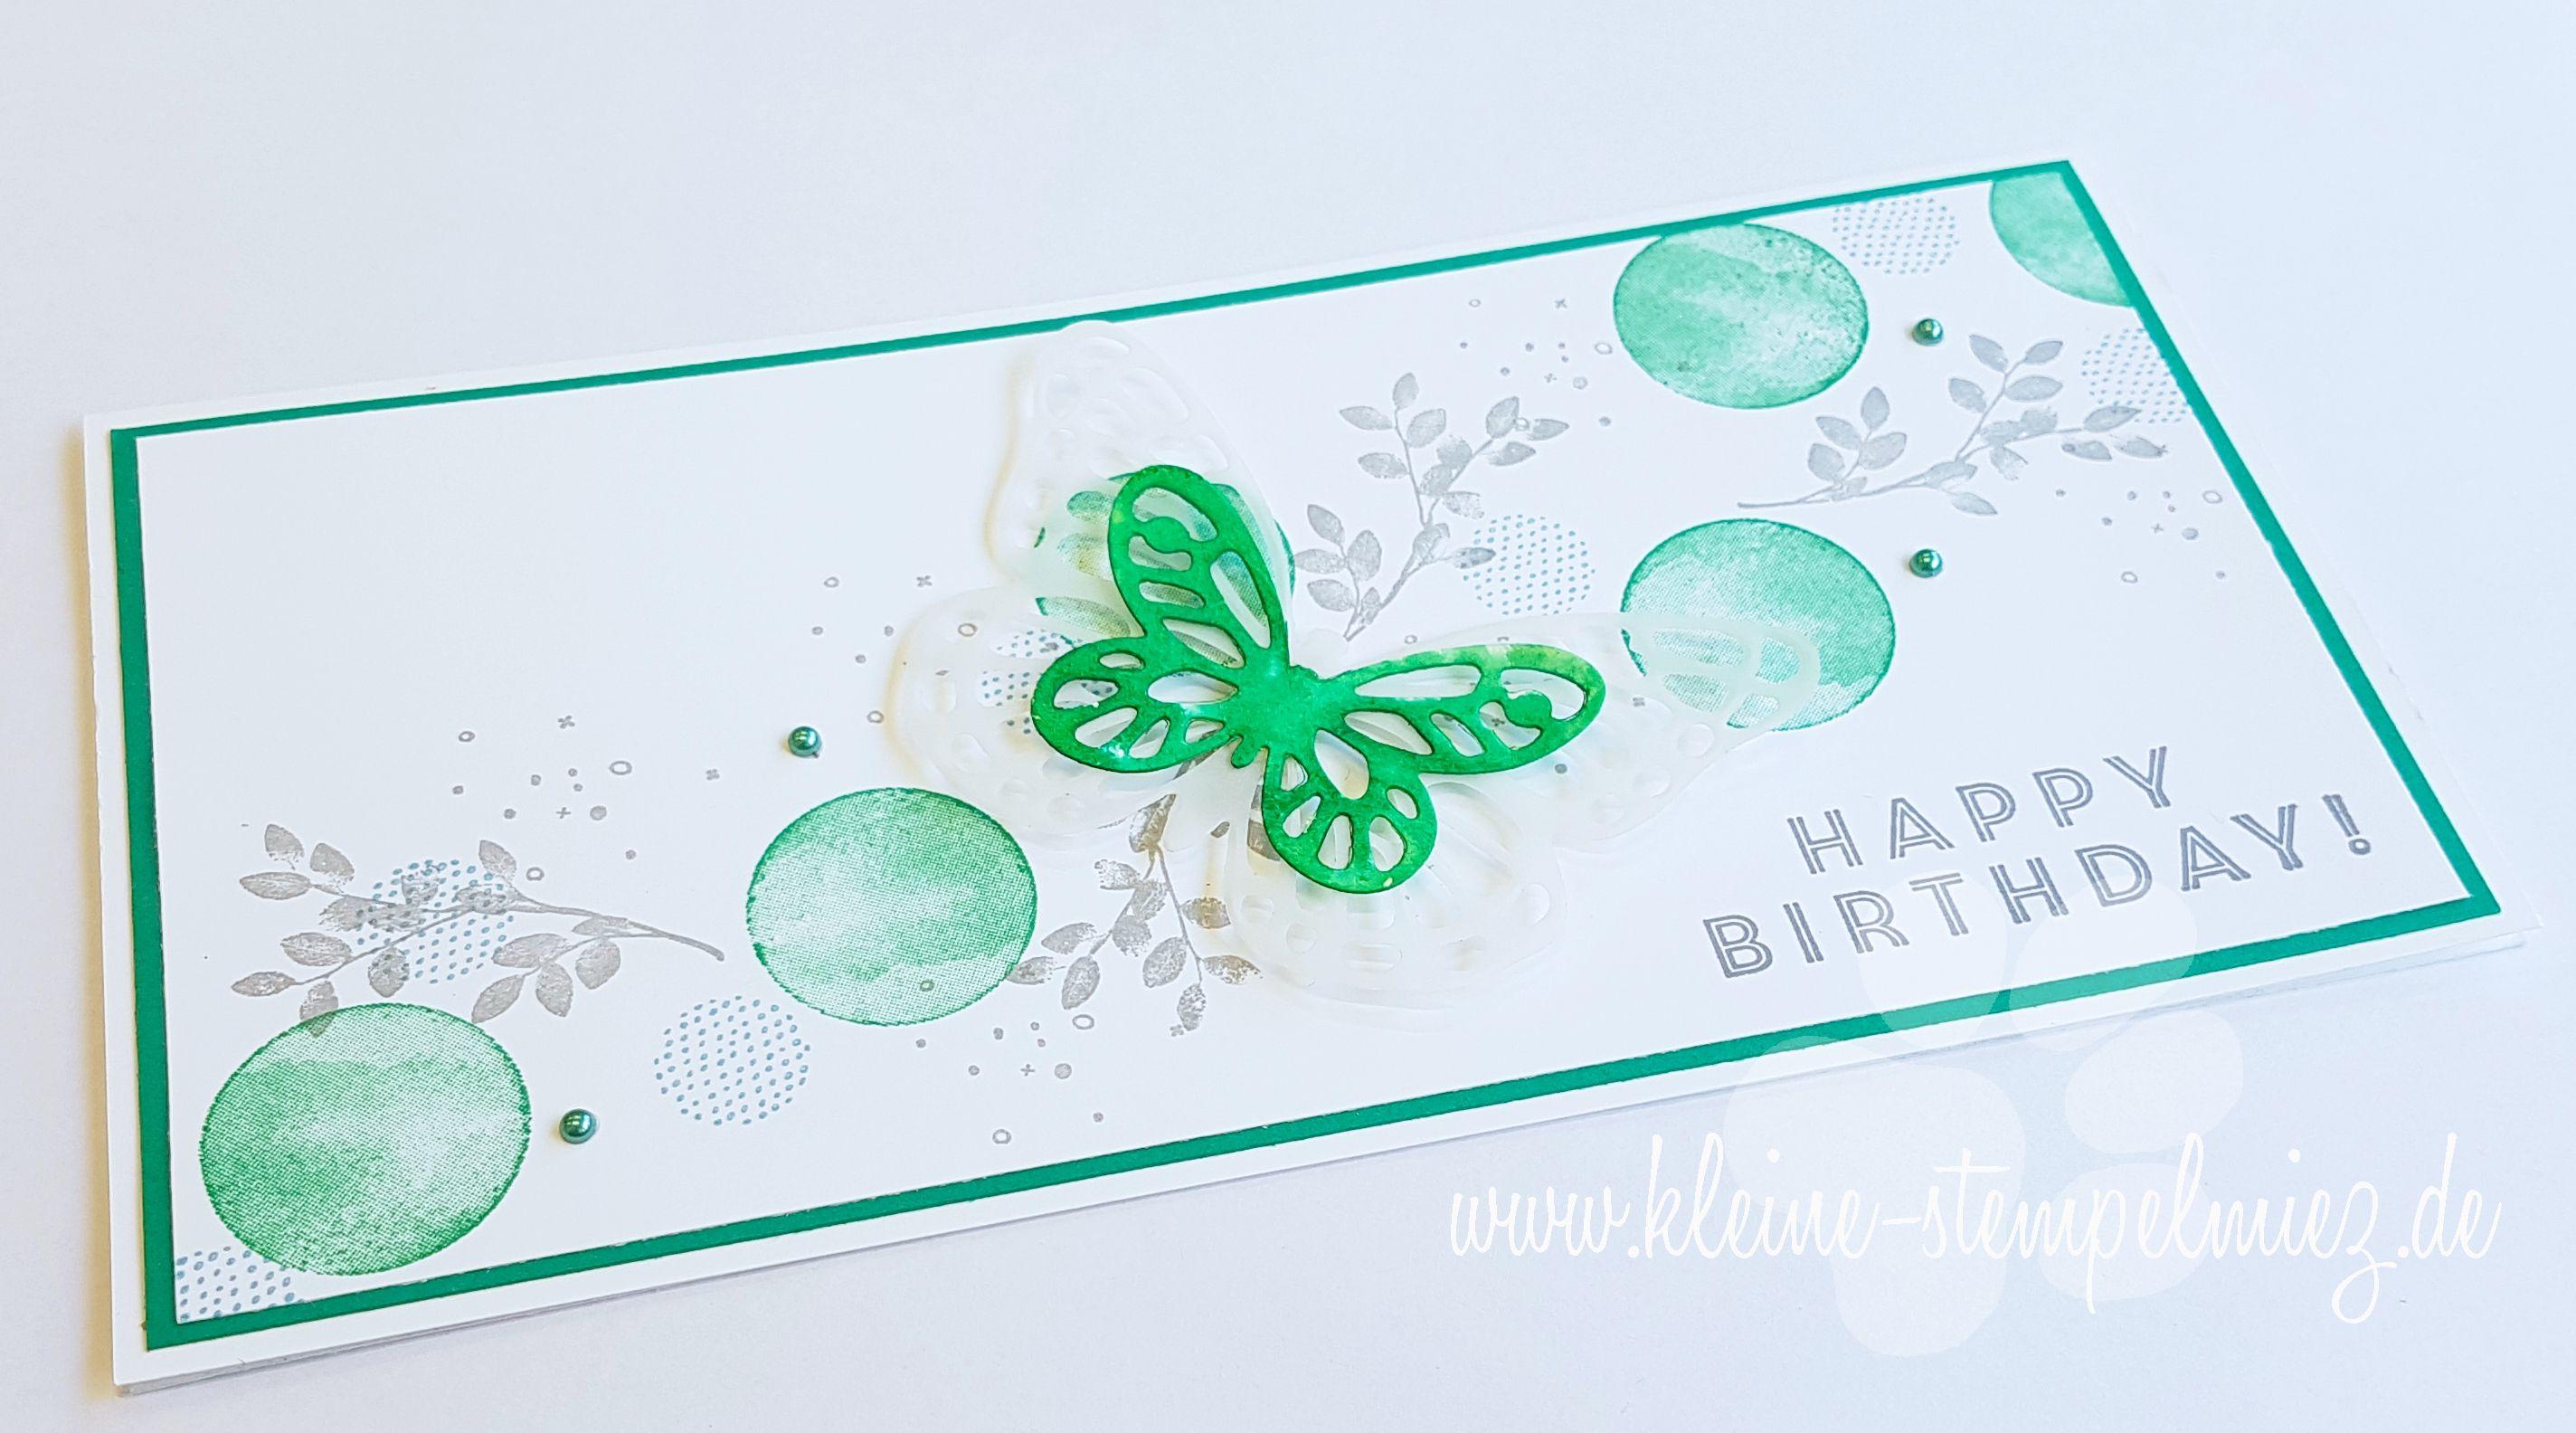 Geburtstagskarte karte in kleegrün einladungskarten heute einladungen boxen geburtstag liebe